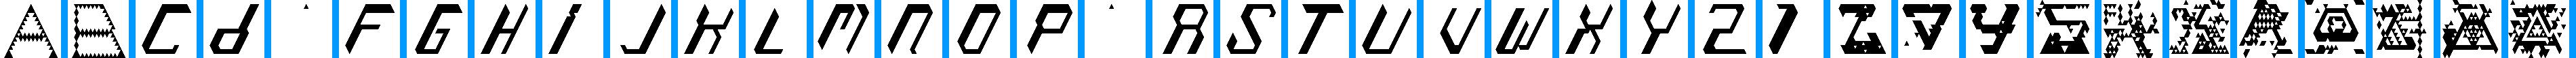 Particip-a-type v.256